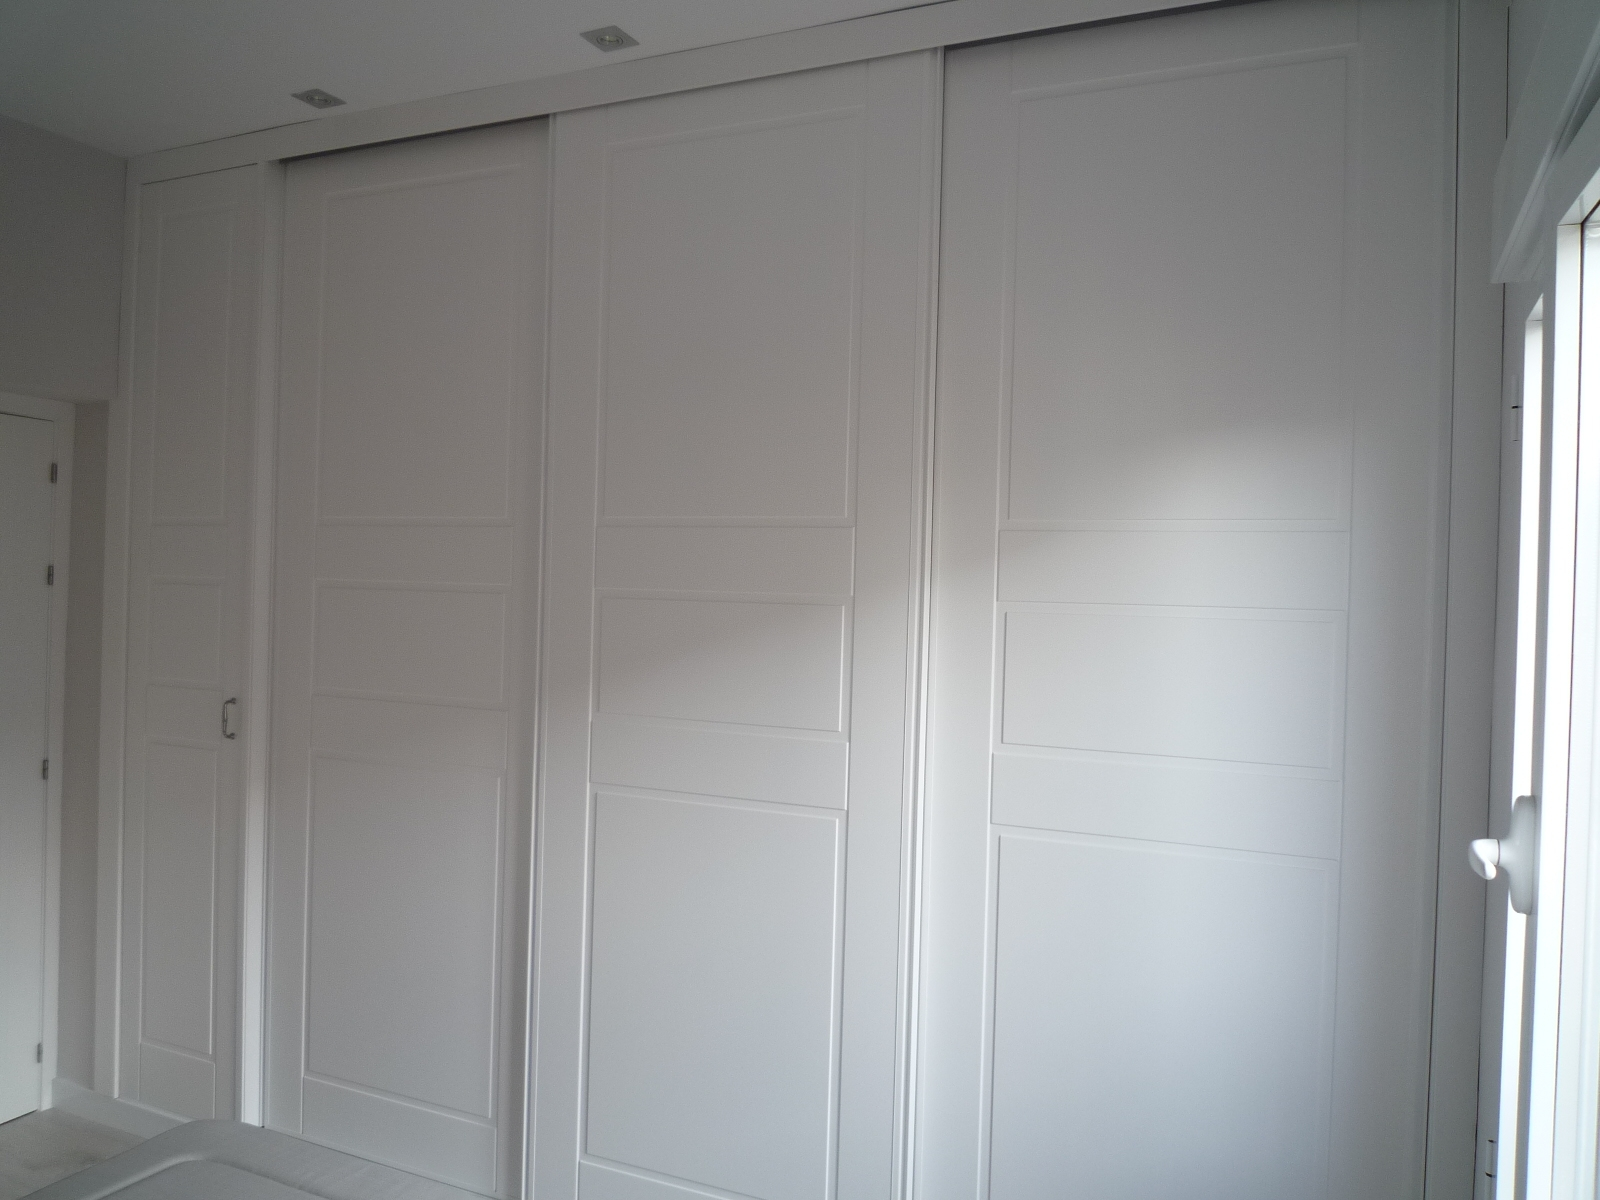 Armarios modulares y frentes de armario puertas gozalo for Frentes de armarios de cocina